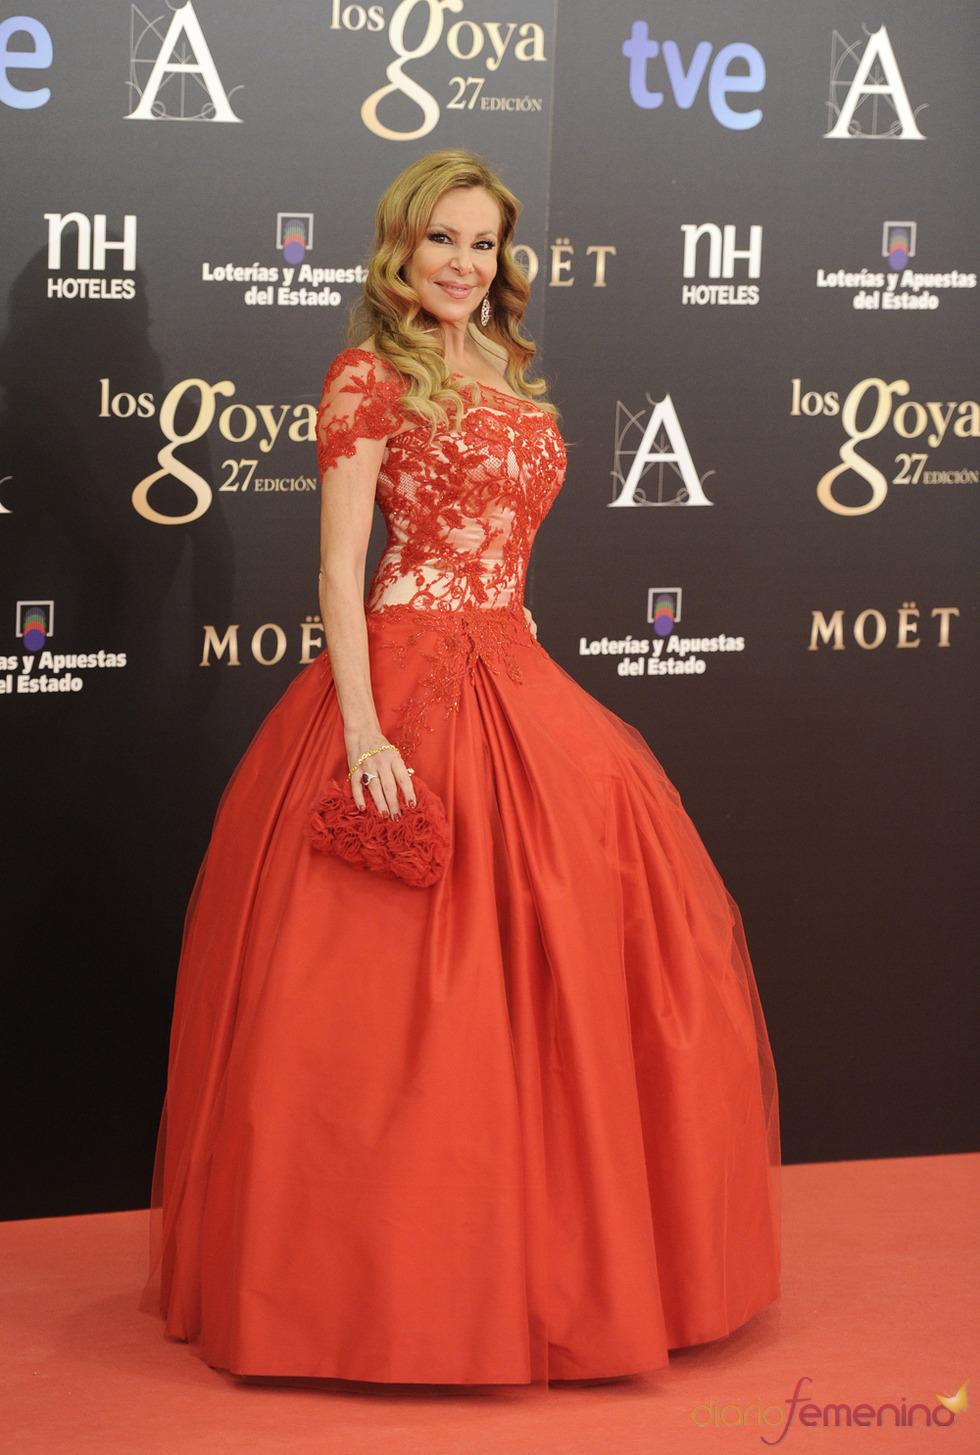 Ana García Obregón en la alfombra roja de los Goya 2013